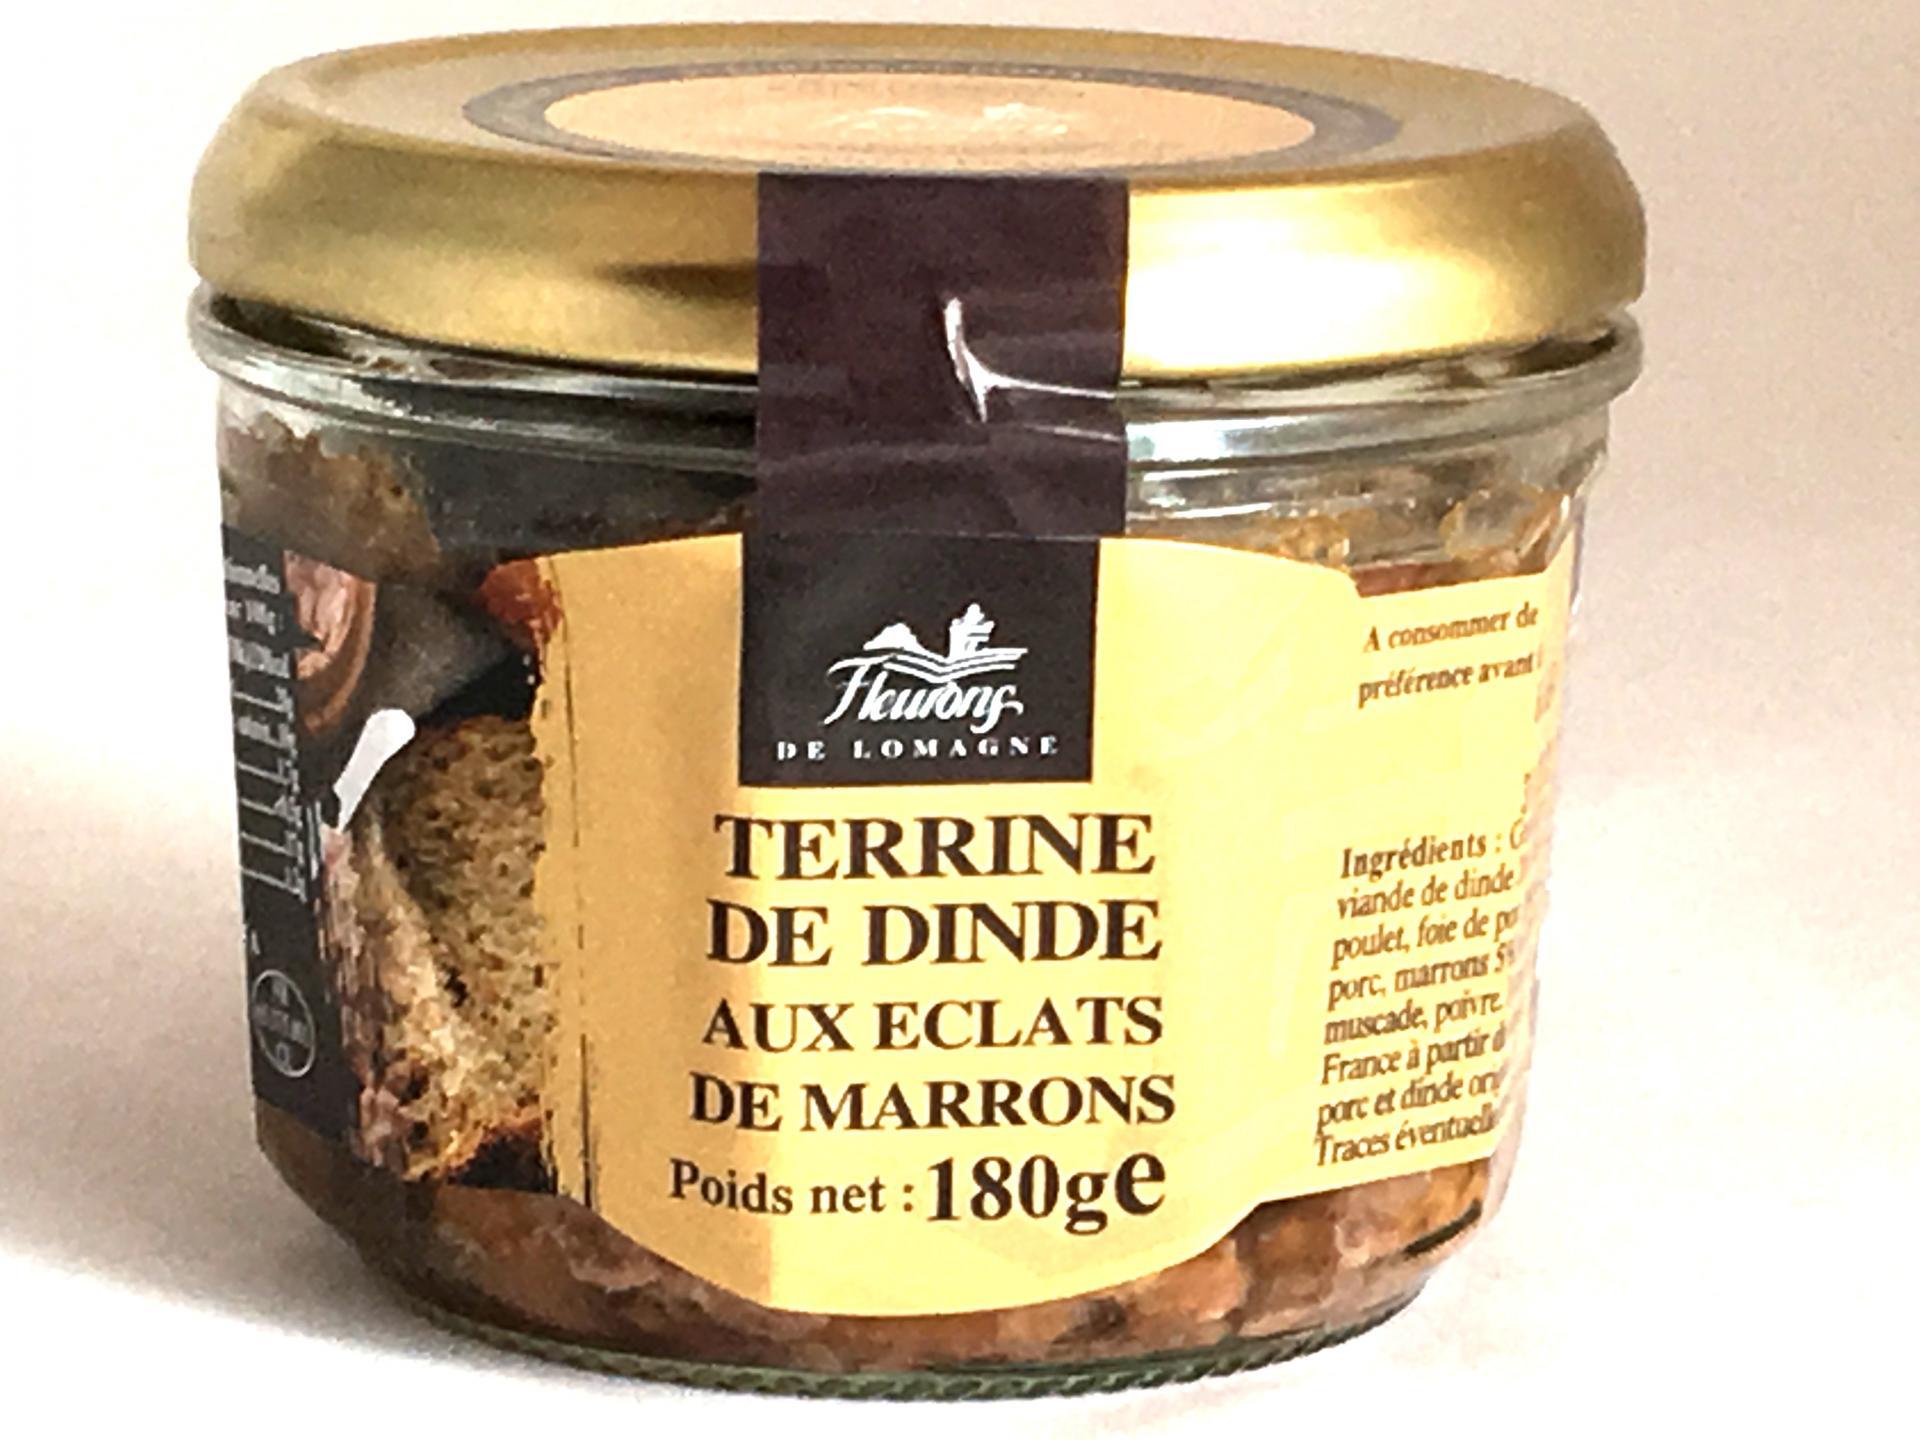 Terrine de dinde aux eclats de marrons 180g